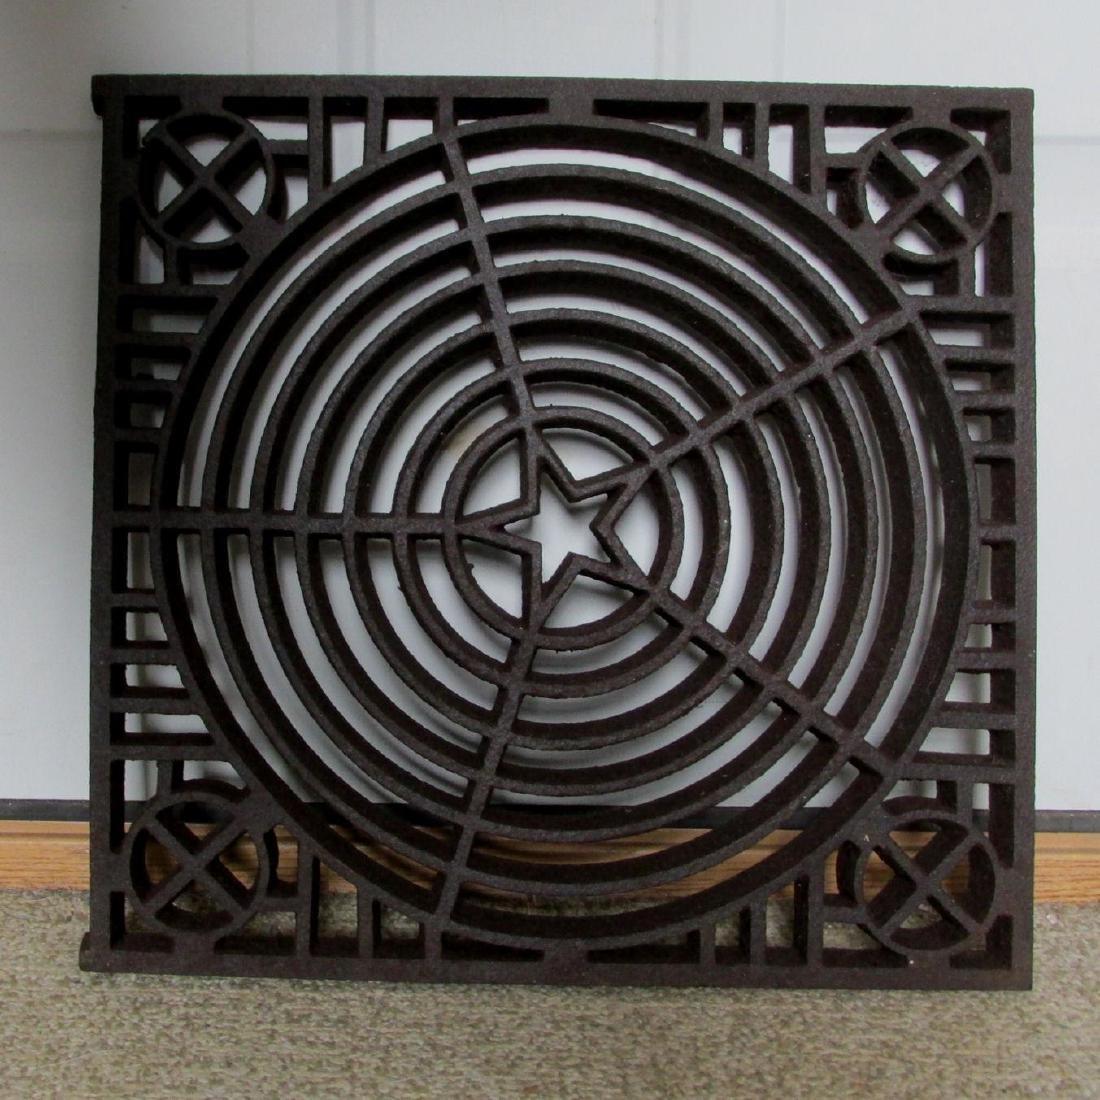 Antique Architectural Element, Cast Iron Grate - 2